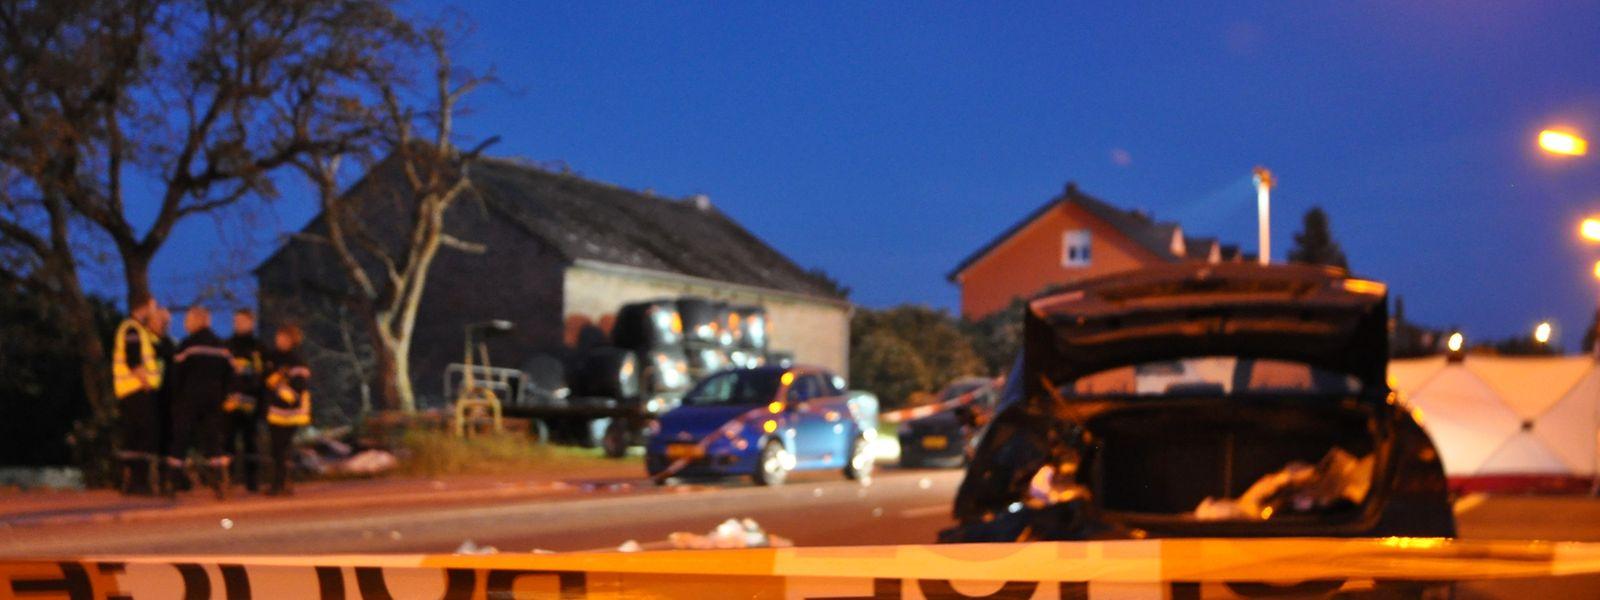 Dippach wenige Stunden nach dem Unfall: Die Fotos lassen die Wucht des Aufpralls nur erahnen.